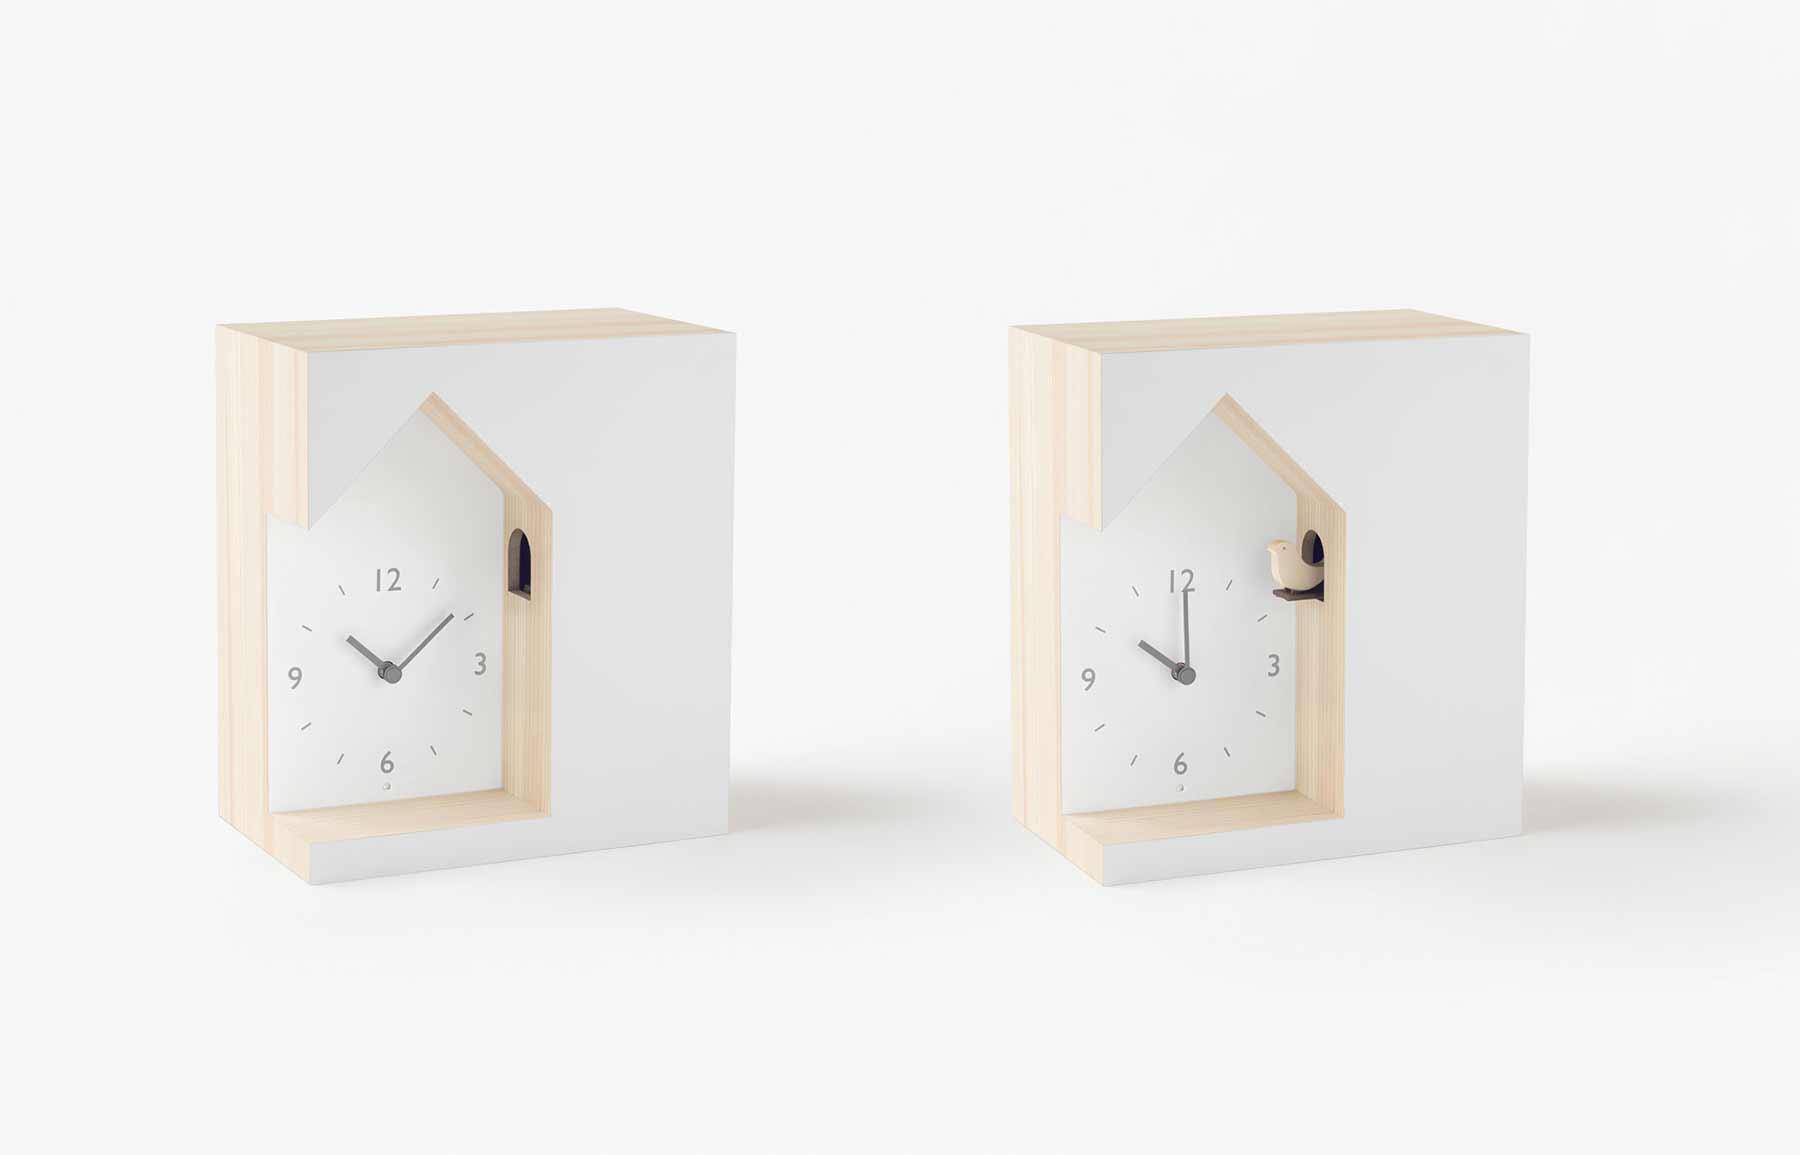 Modern-minimalistische Kuckucksuhren von Nendo nendo-minimalistische-kuckucksuhren_05